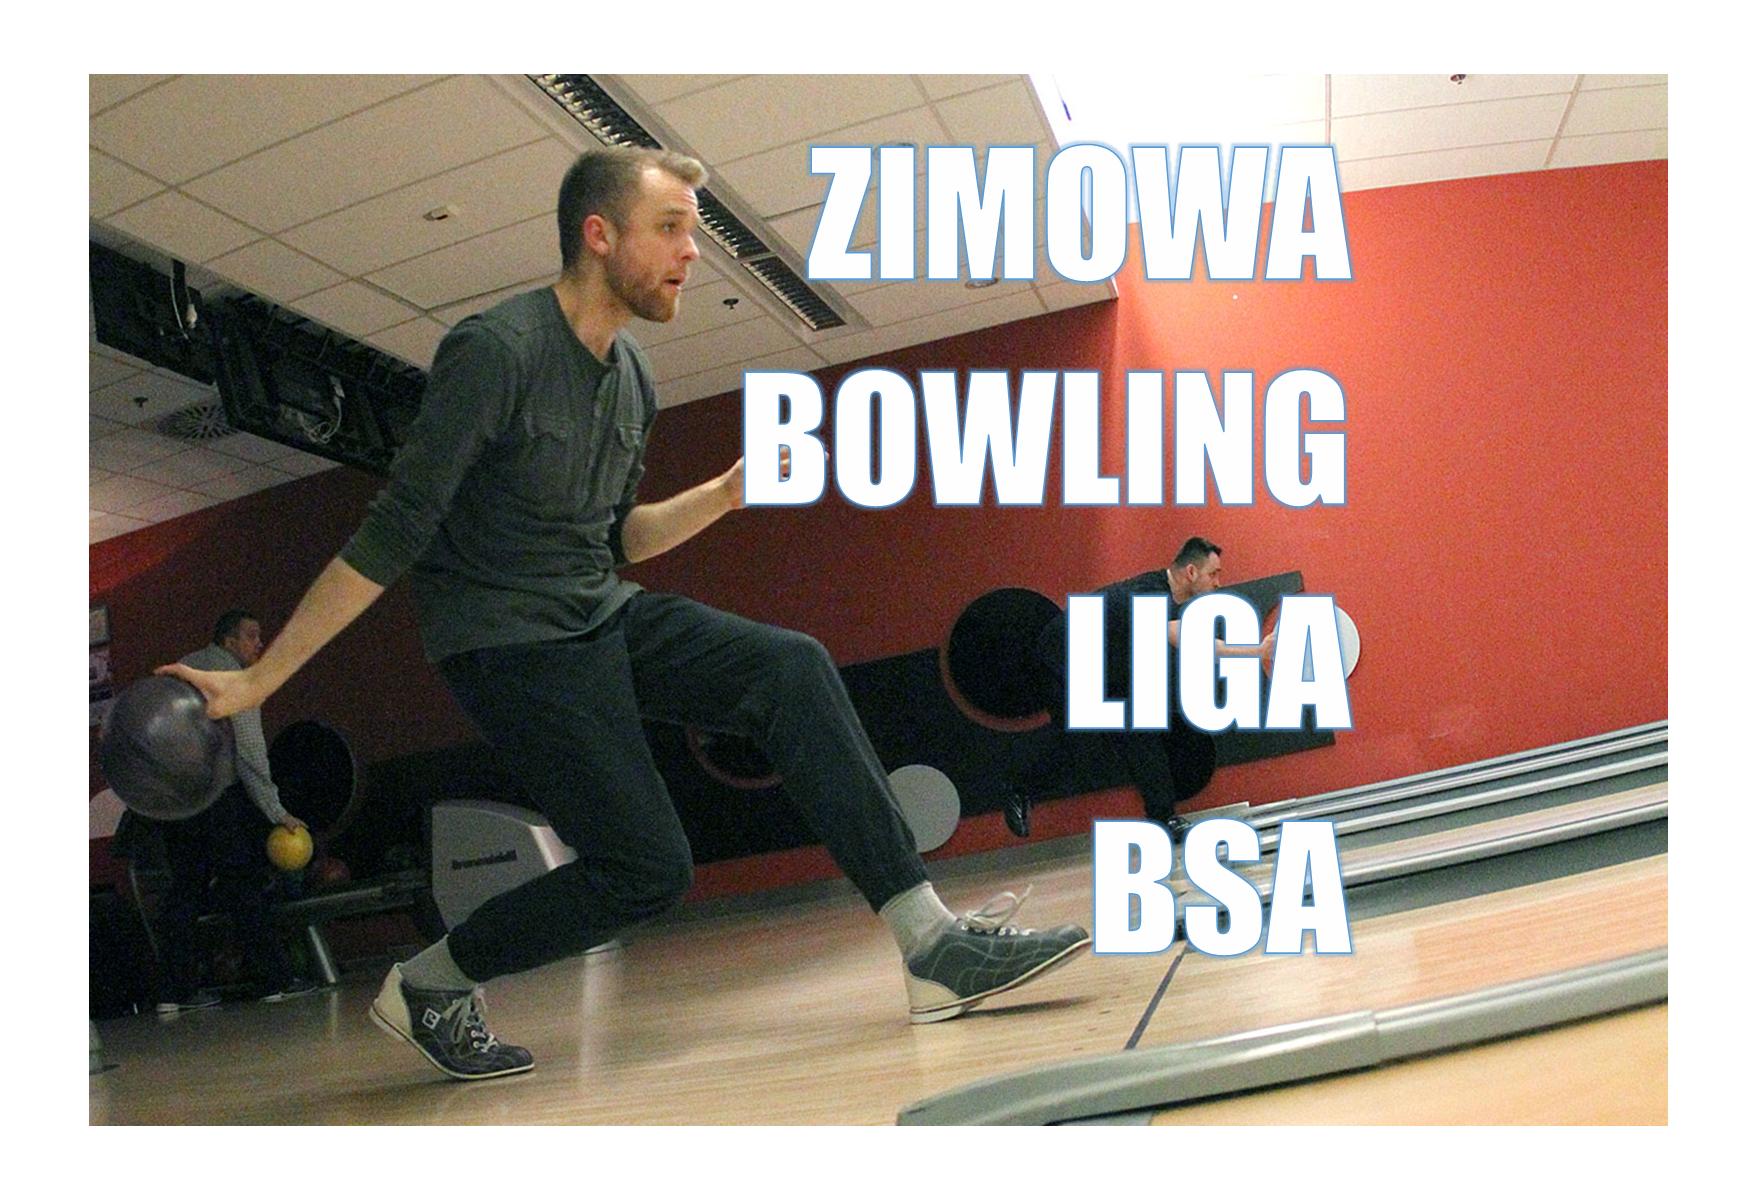 Zimowa Bolwling Liga BSA 2021